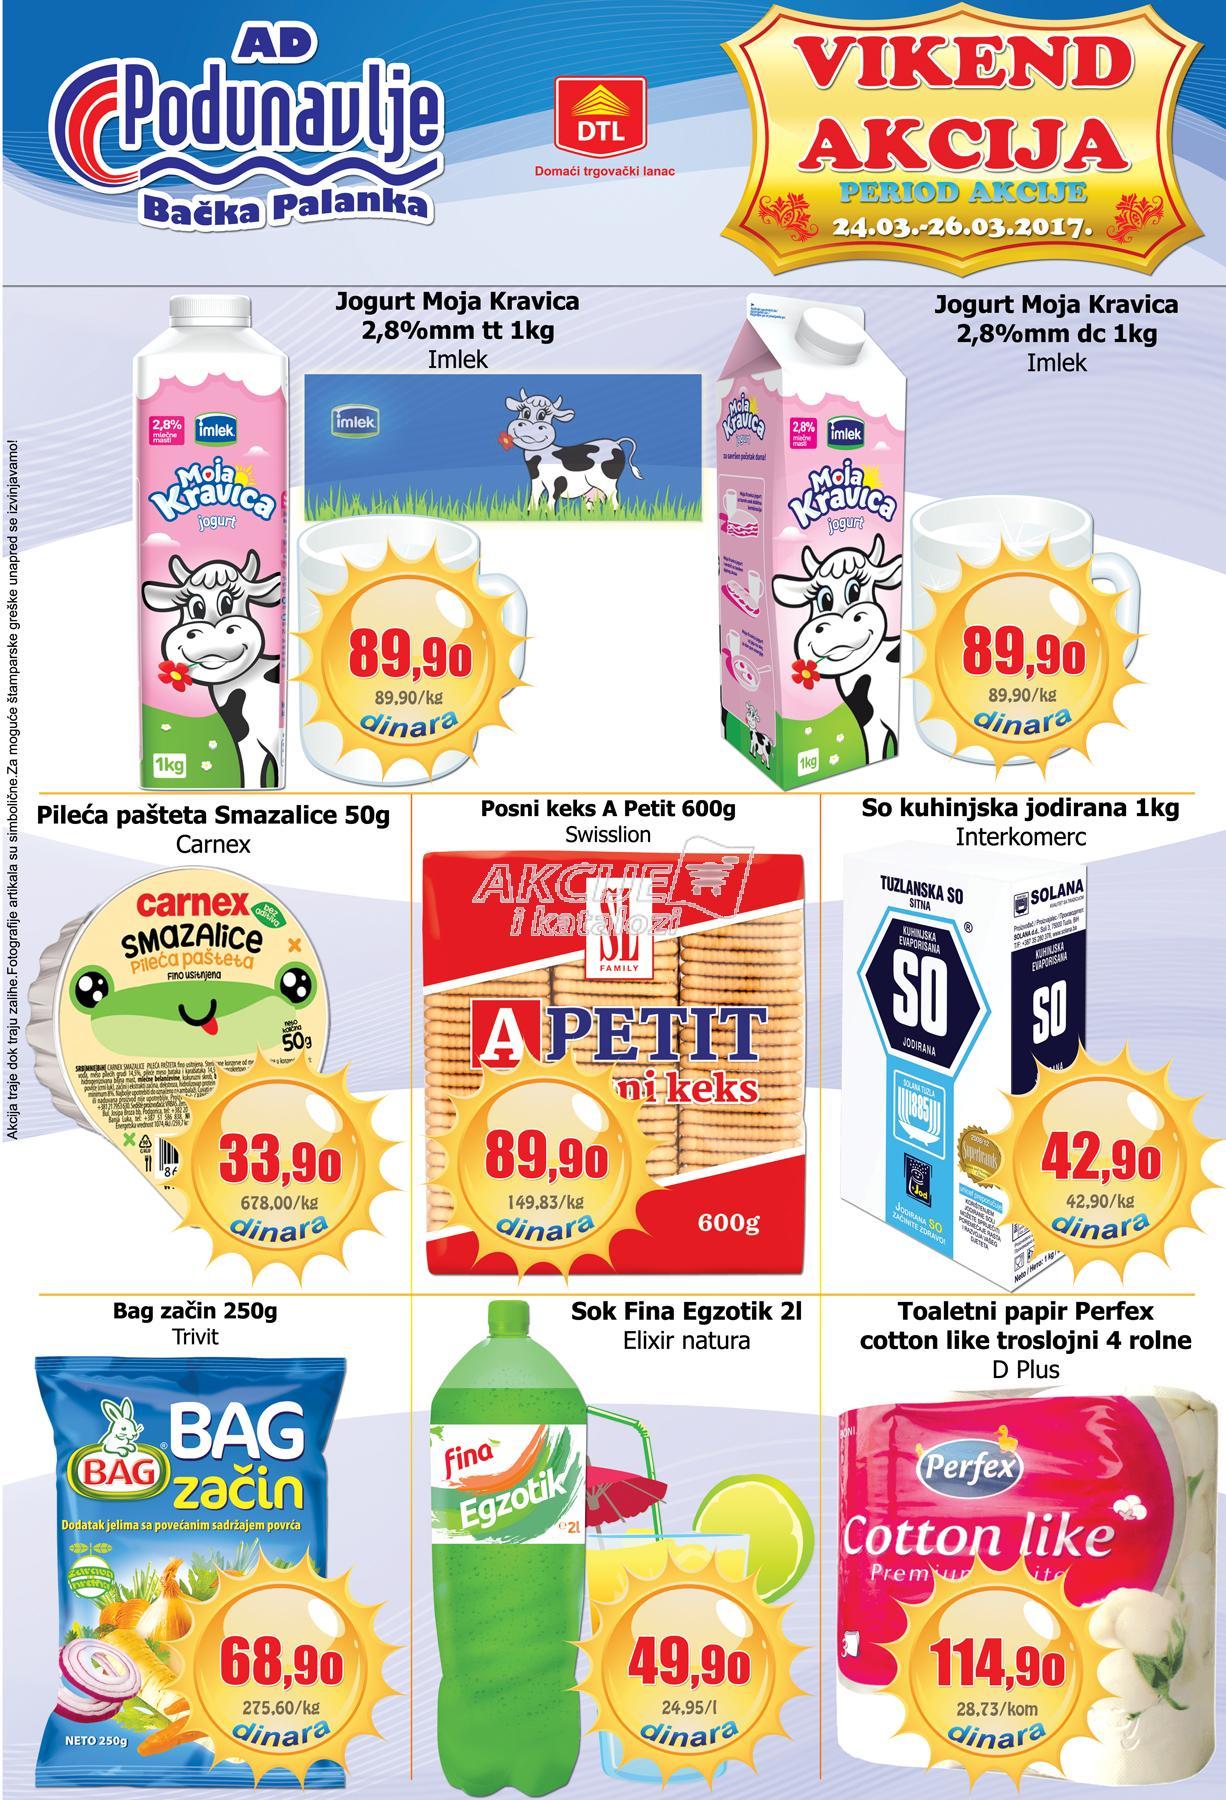 AD Podunavlje - Vikend akcija super cena